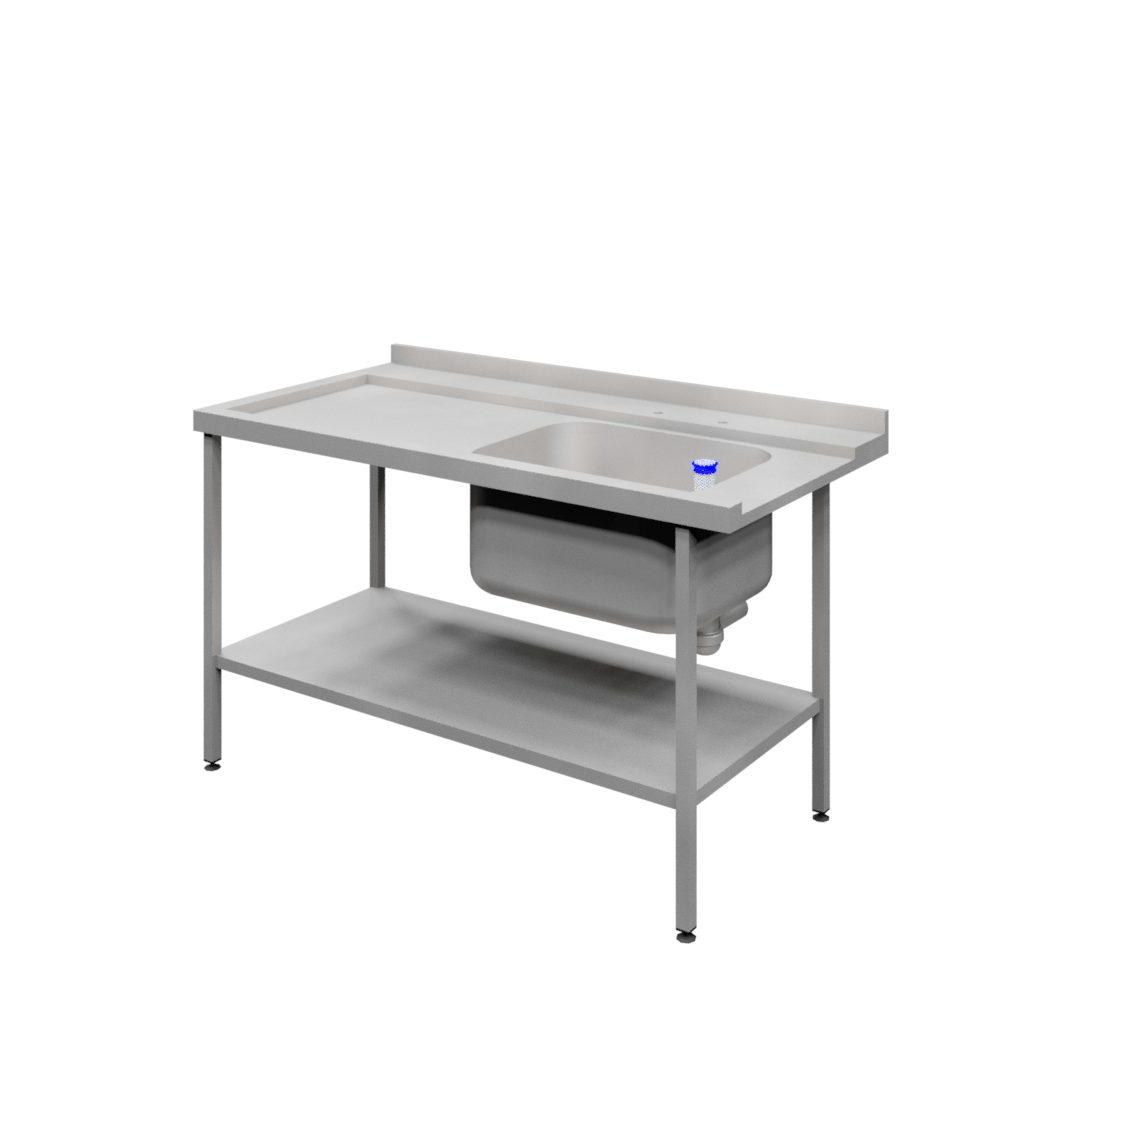 MCF_Dishwash Inlet Table_DIS1500x740